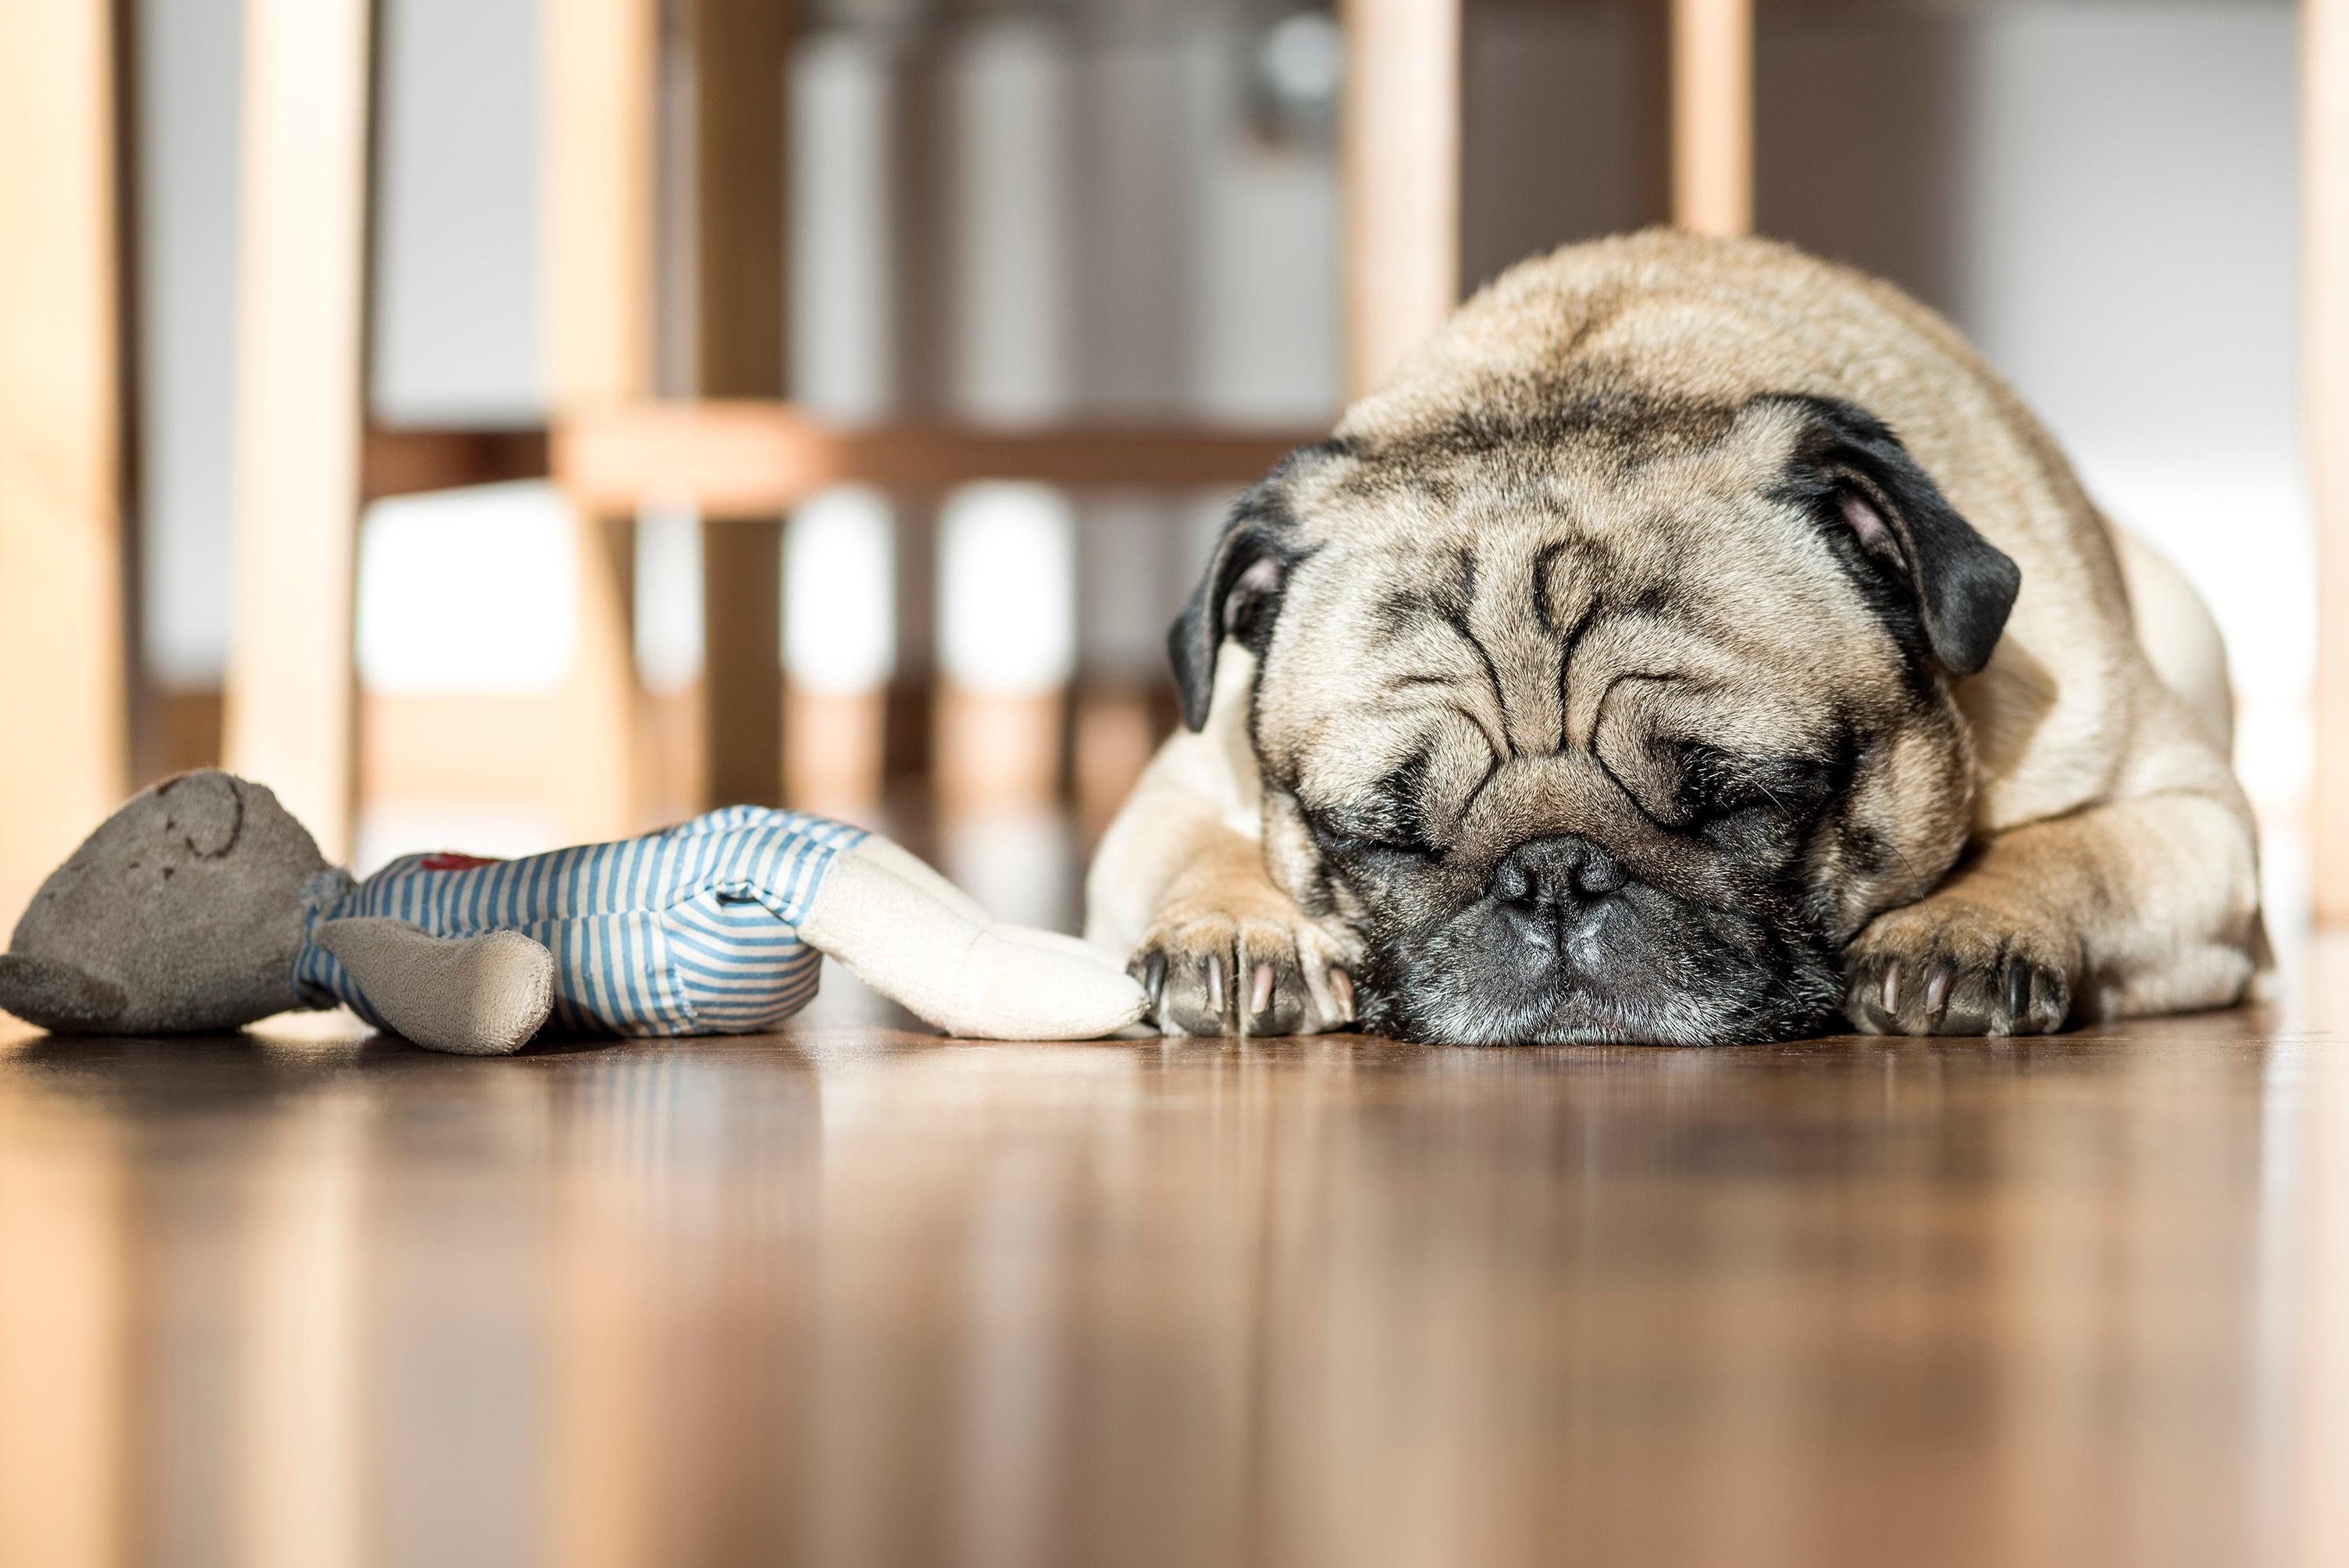 Sleeping pug.